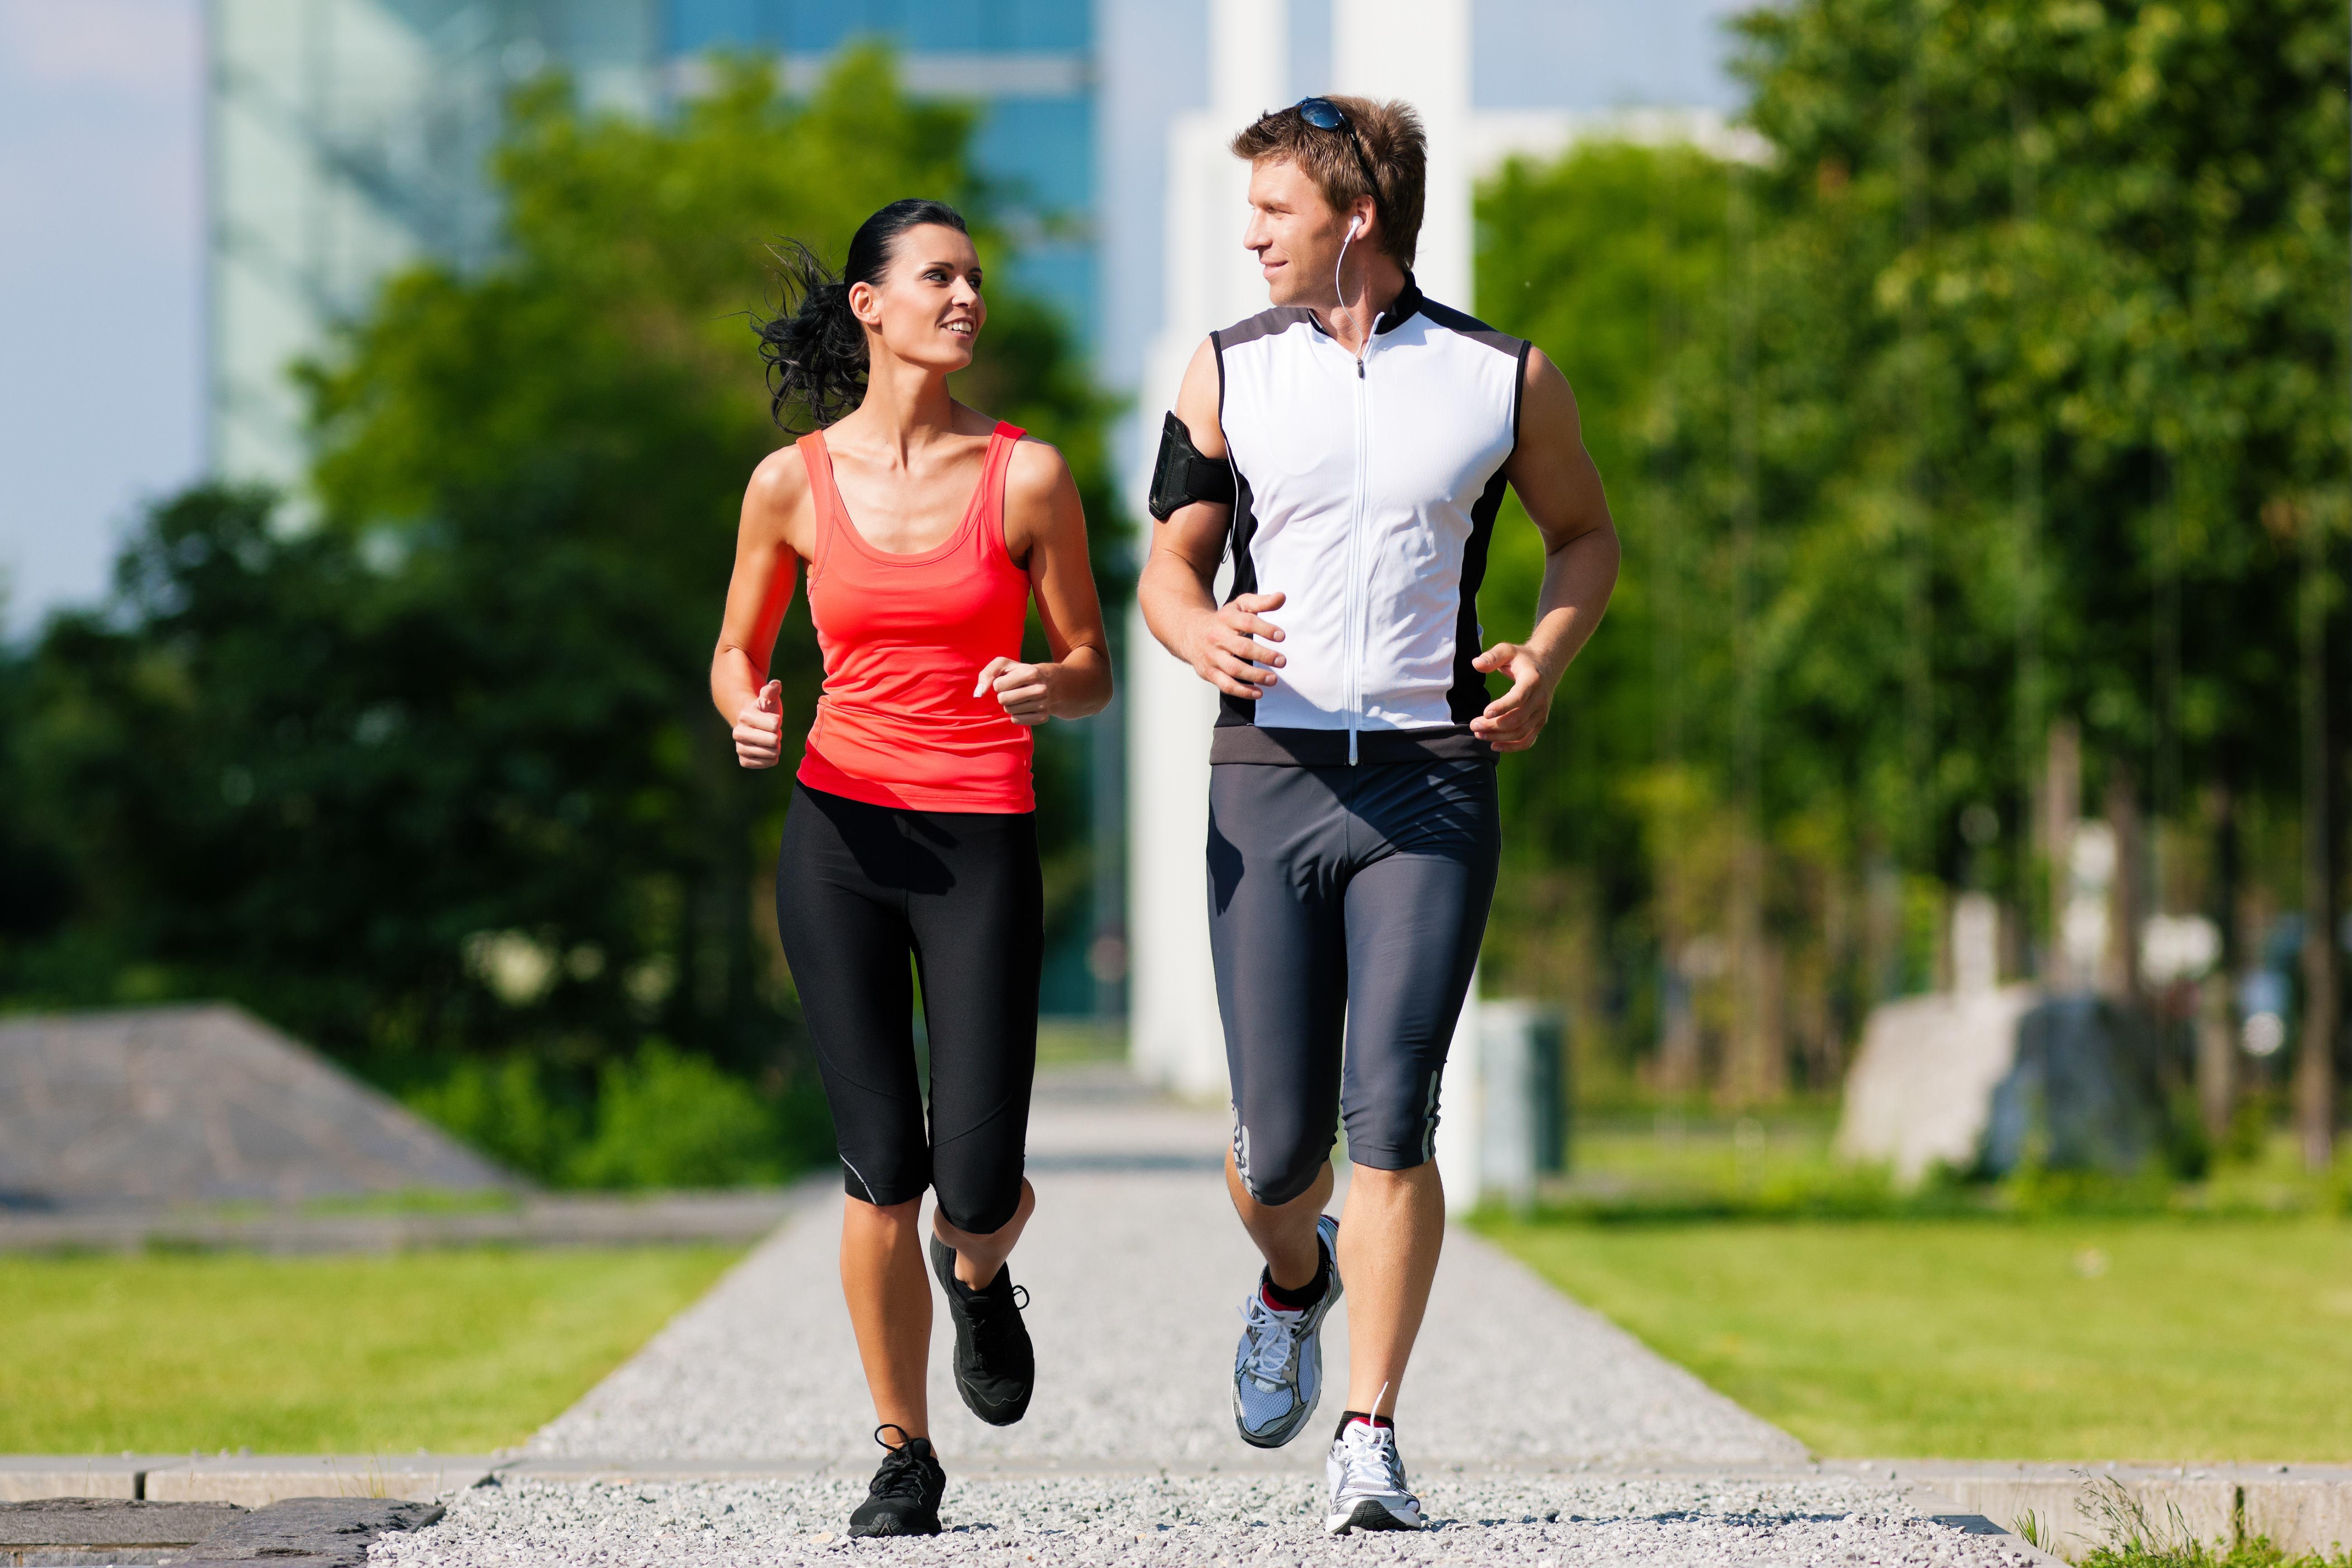 Đi bộ 30 phút mỗi ngày sẽ tốt cho sức khỏe của mắt